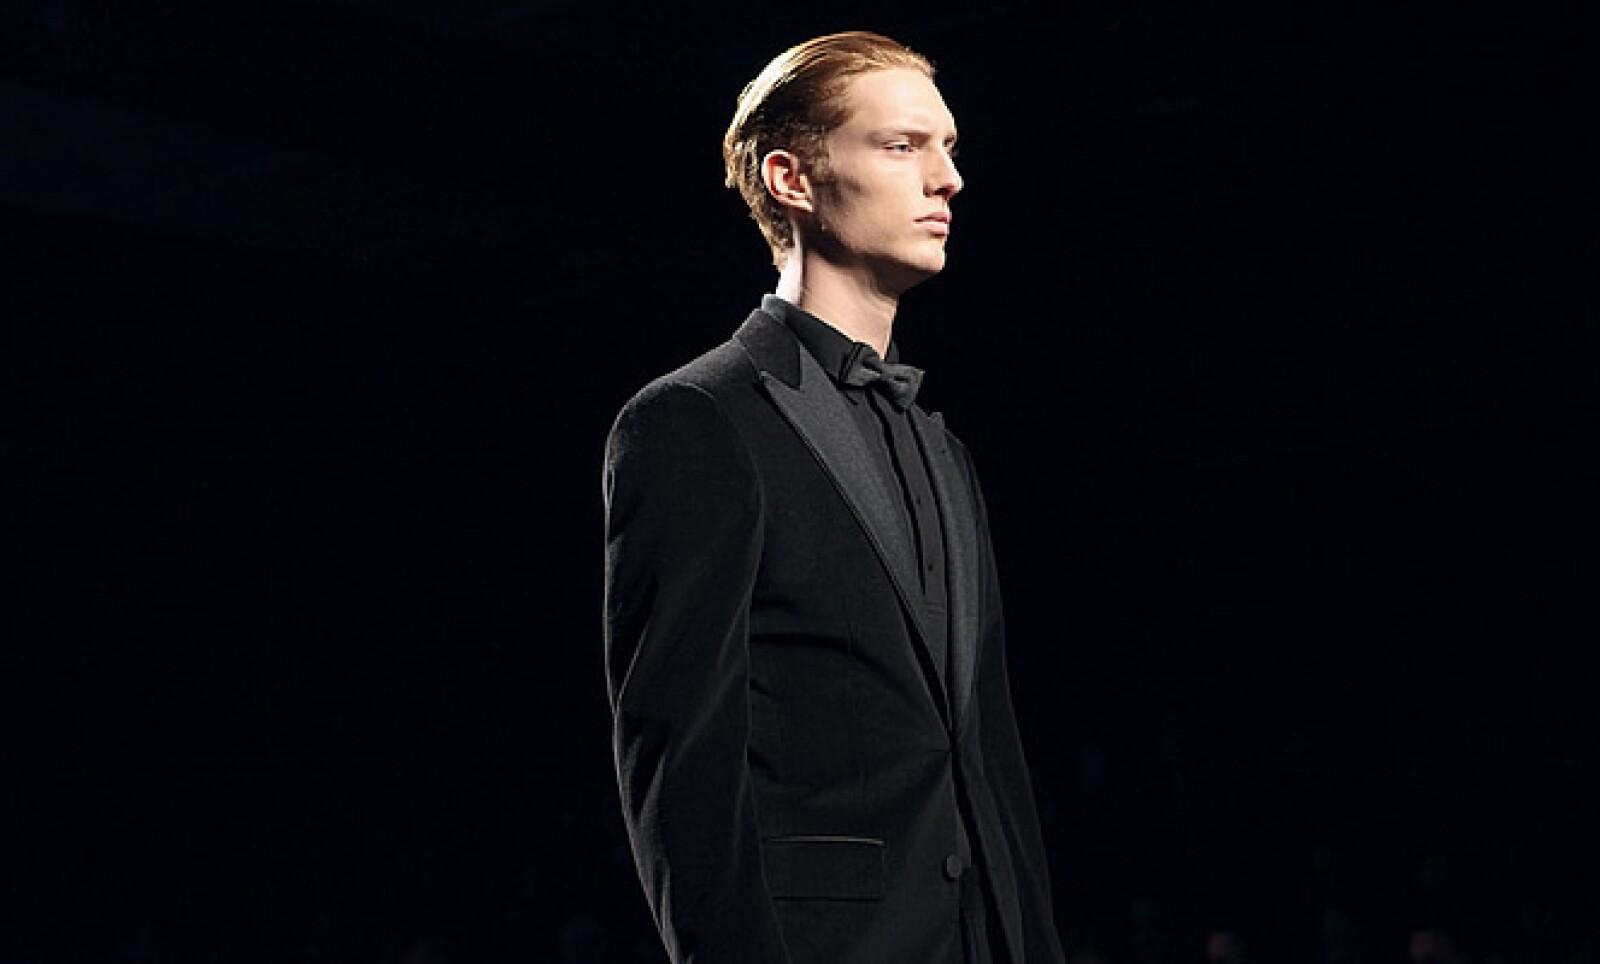 Para las ocasiones más formales, Zegna propone un smoking en franela azul o negra con detalles elegantes en seda y piel.